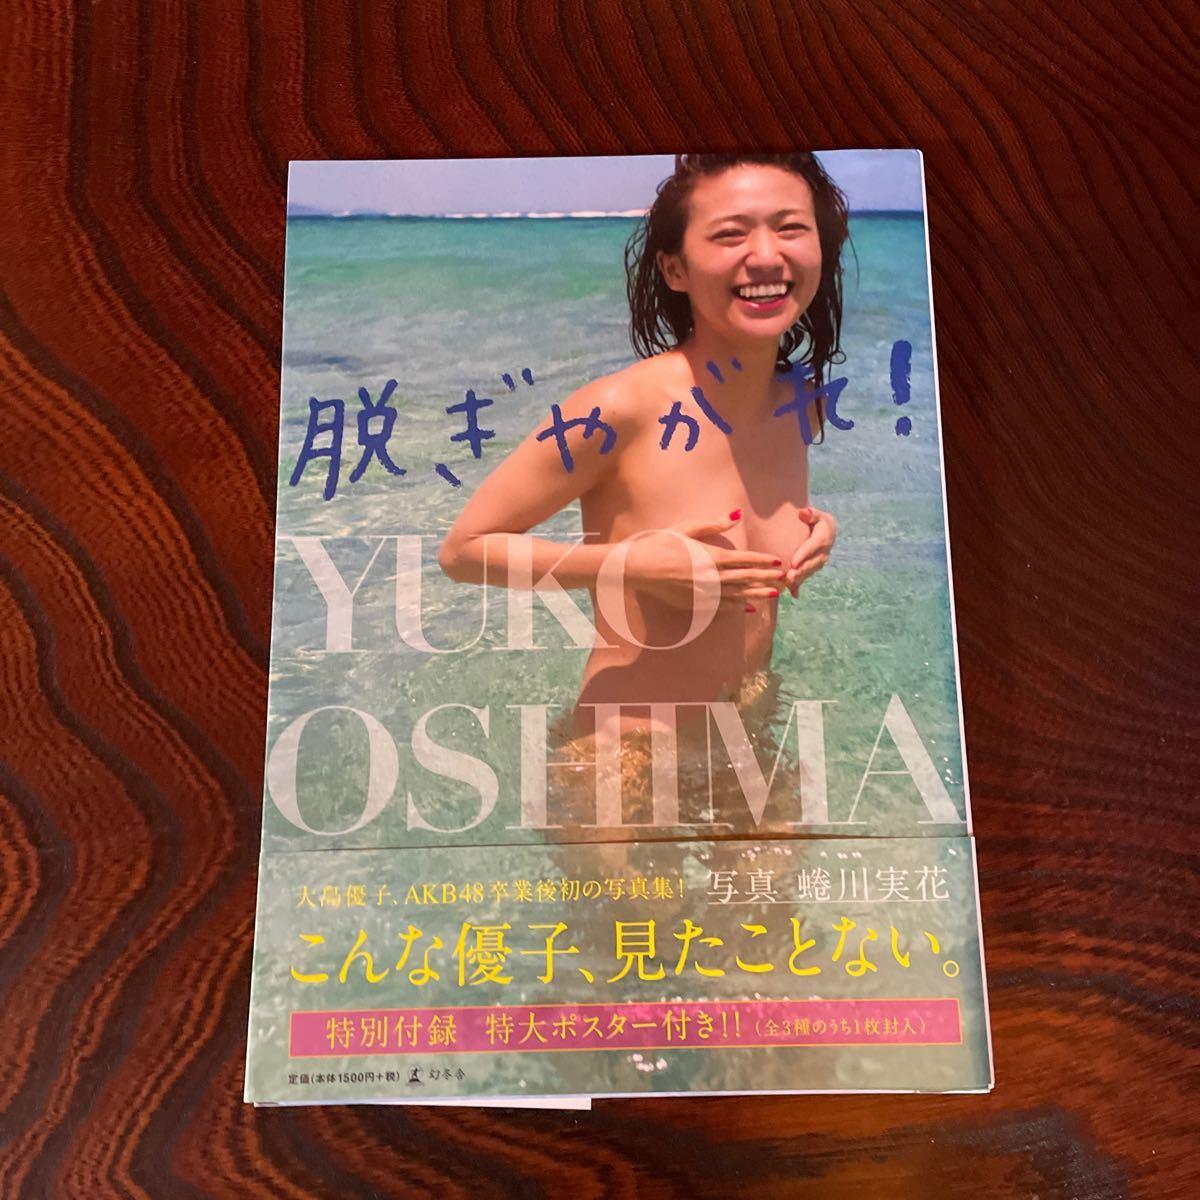 大島優子 大島優子写真集「脱ぎやがれ!」<通常版> Book ※特典あり